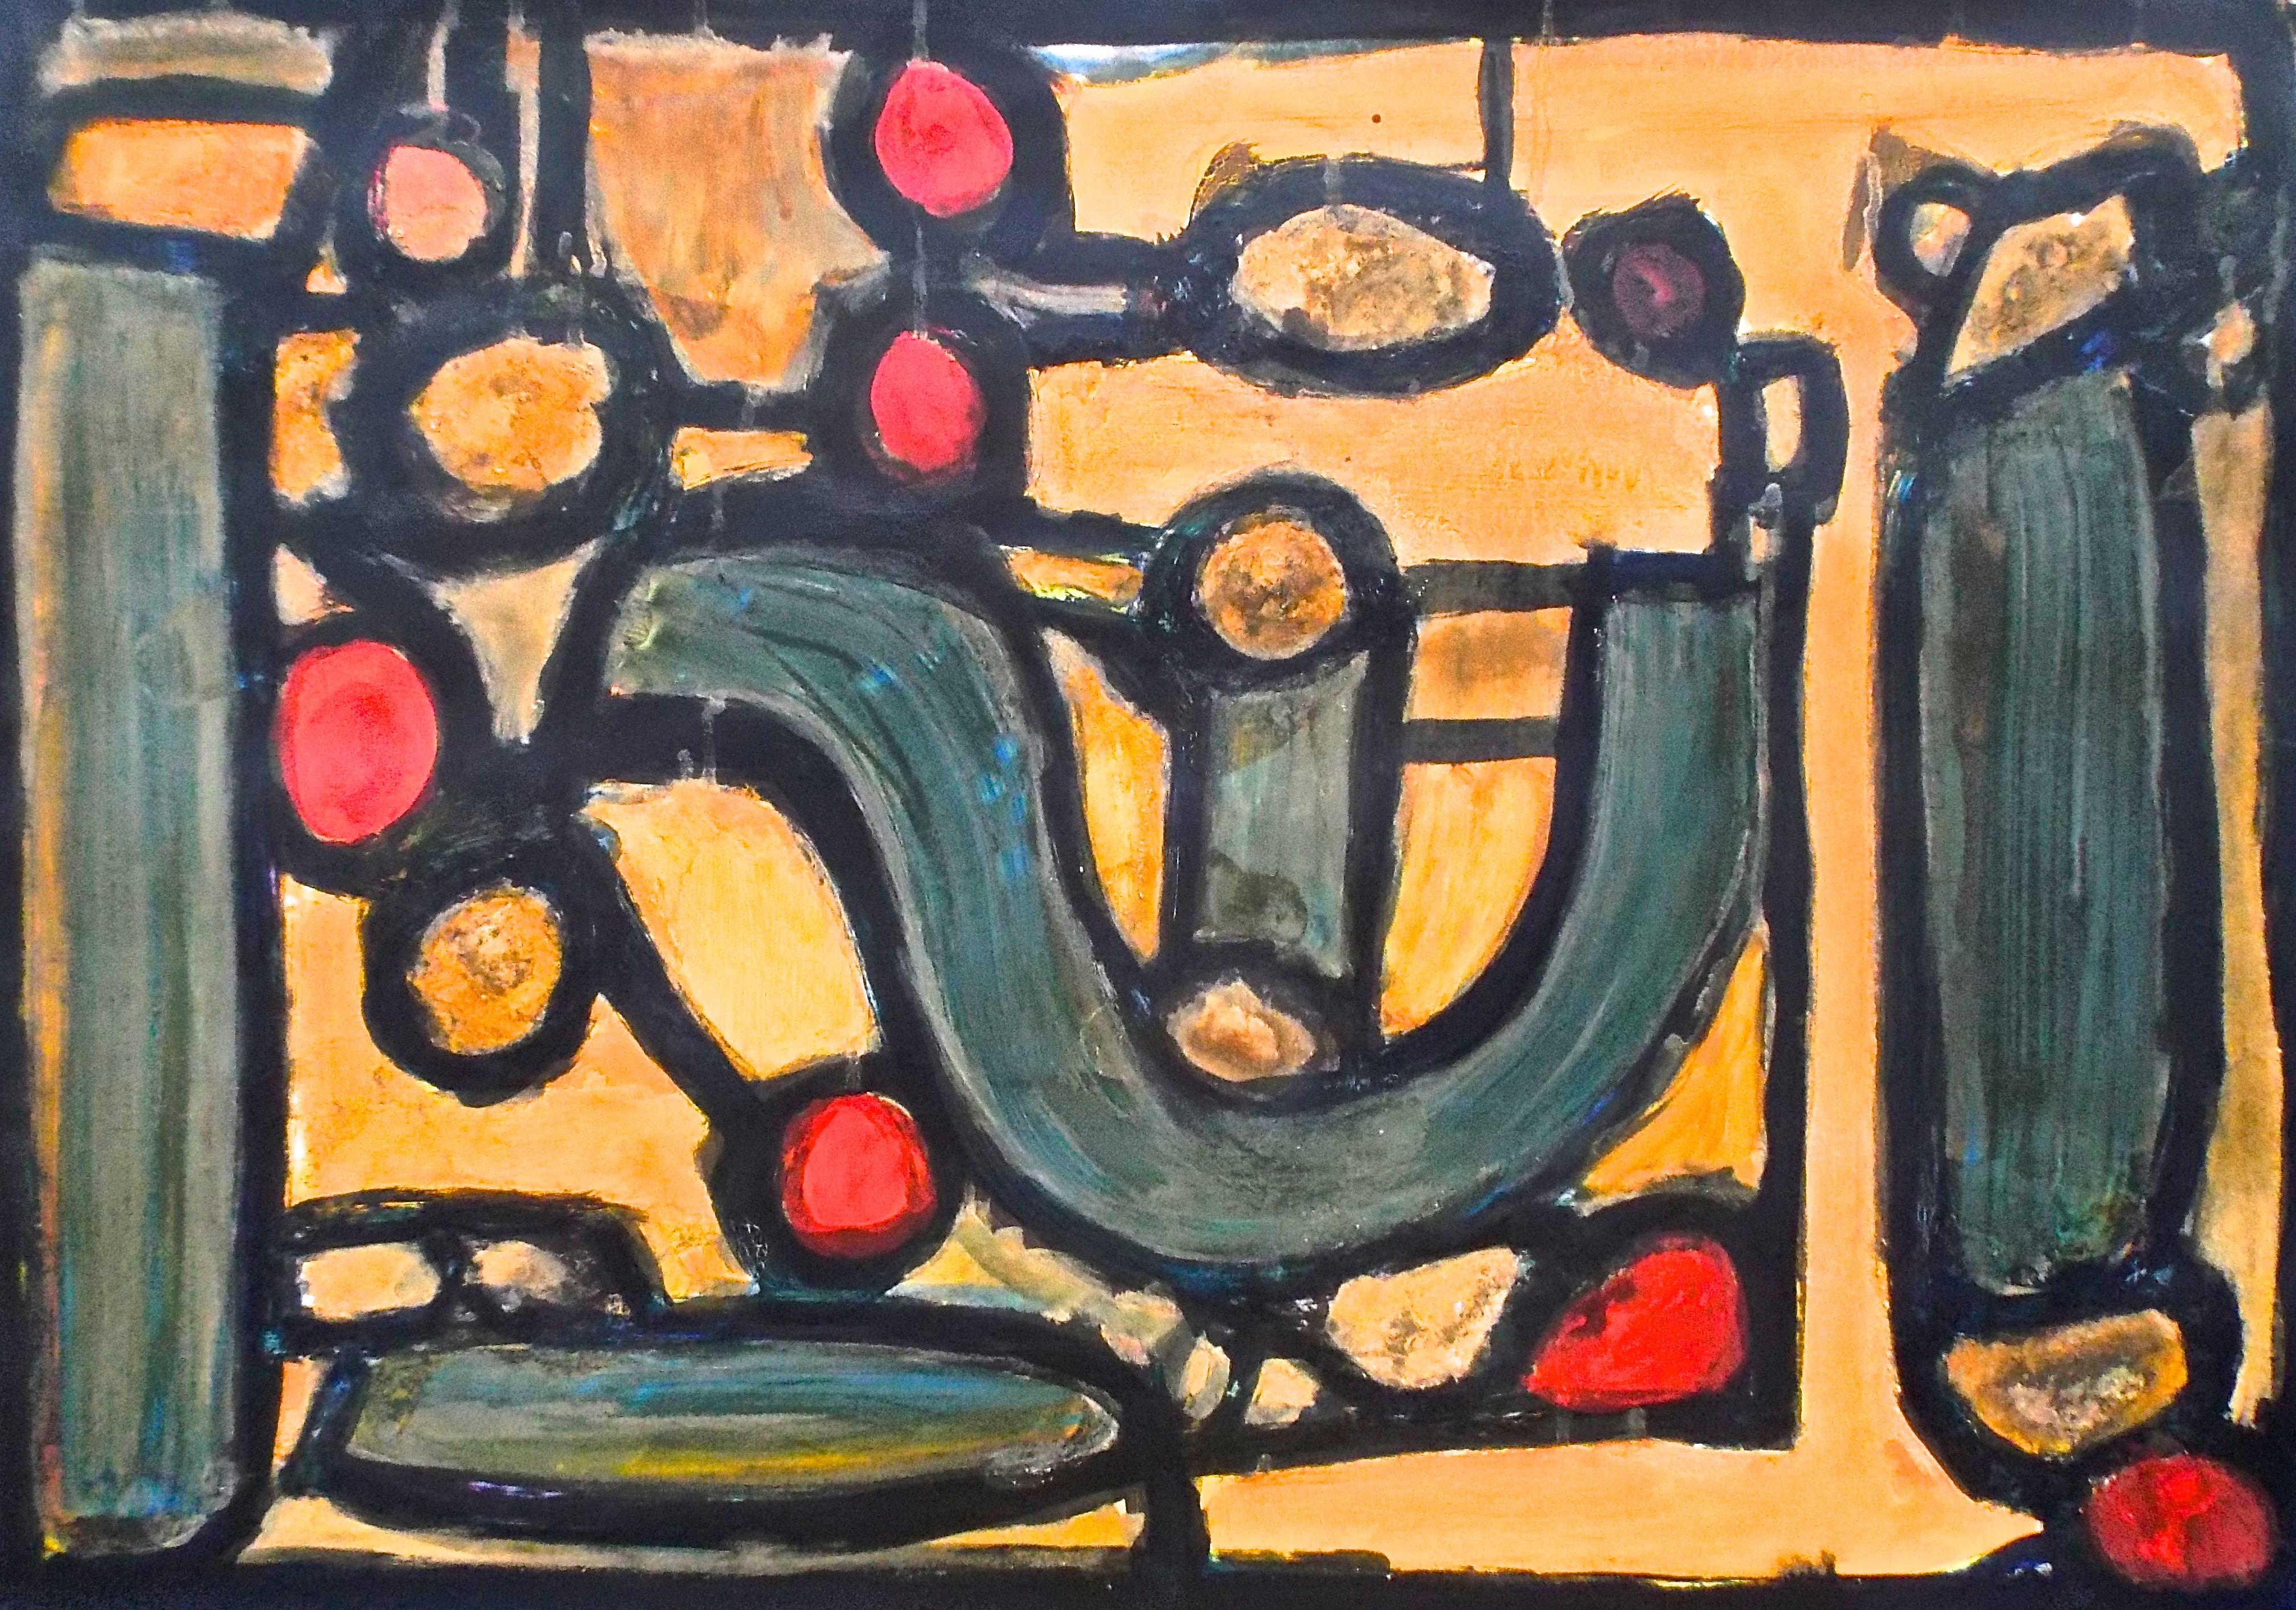 Abstract Art - John H-Falkner